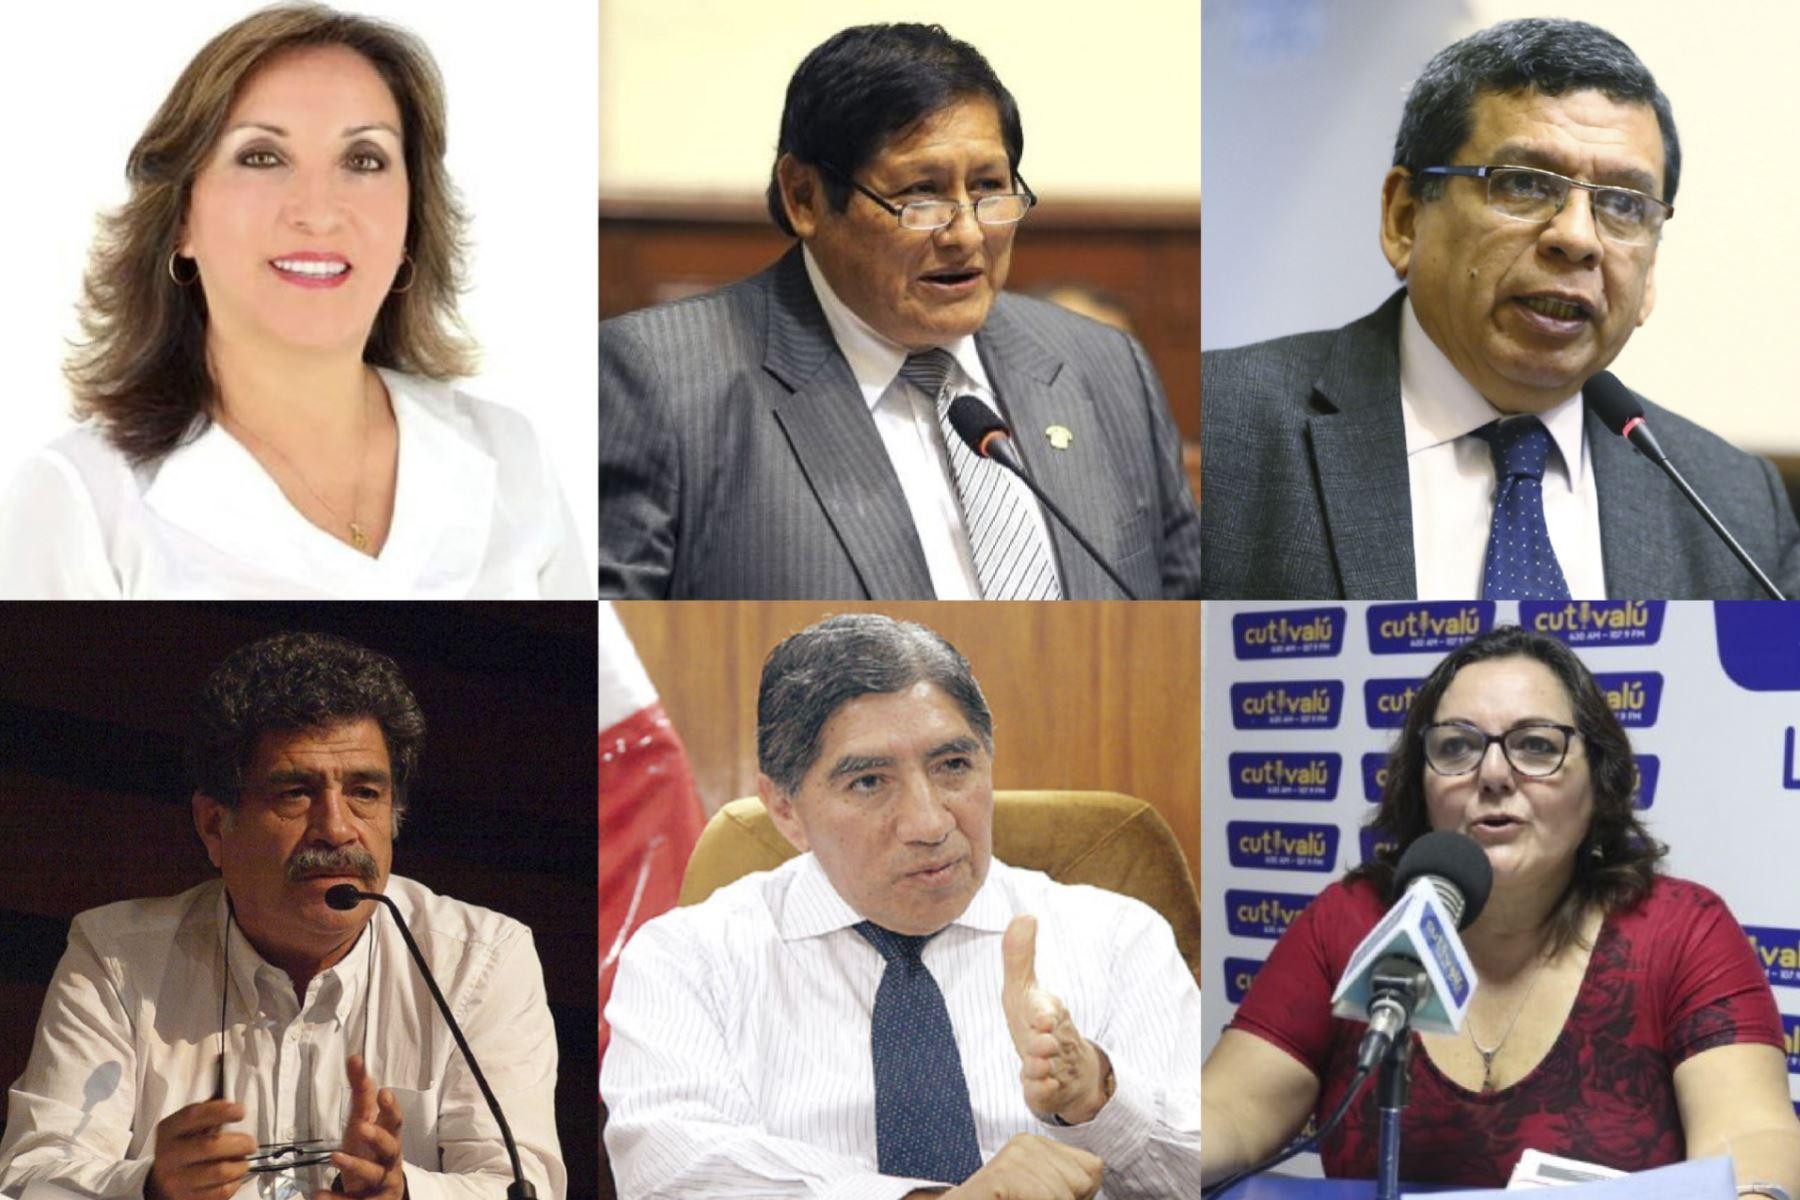 Perú Libre define equipo técnico para el debate de este domingo | Noticias | Agencia Peruana de Noticias Andina